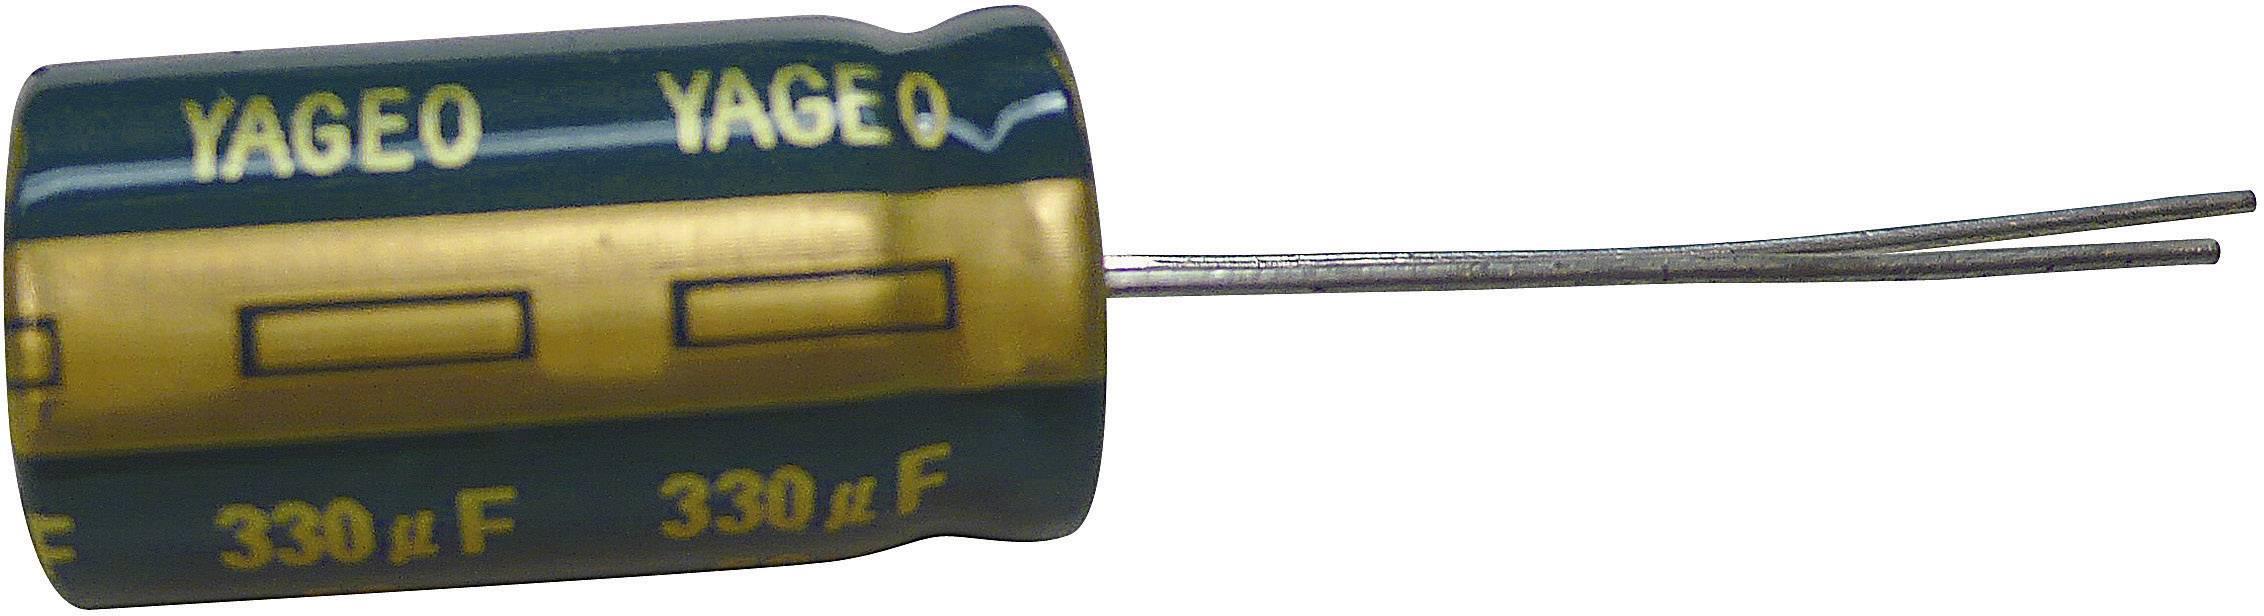 Kondenzátor elektrolytický Yageo SY035M1500B5S-1335, 1500 mF, 35 V, 20 %, 35 x 13 mm